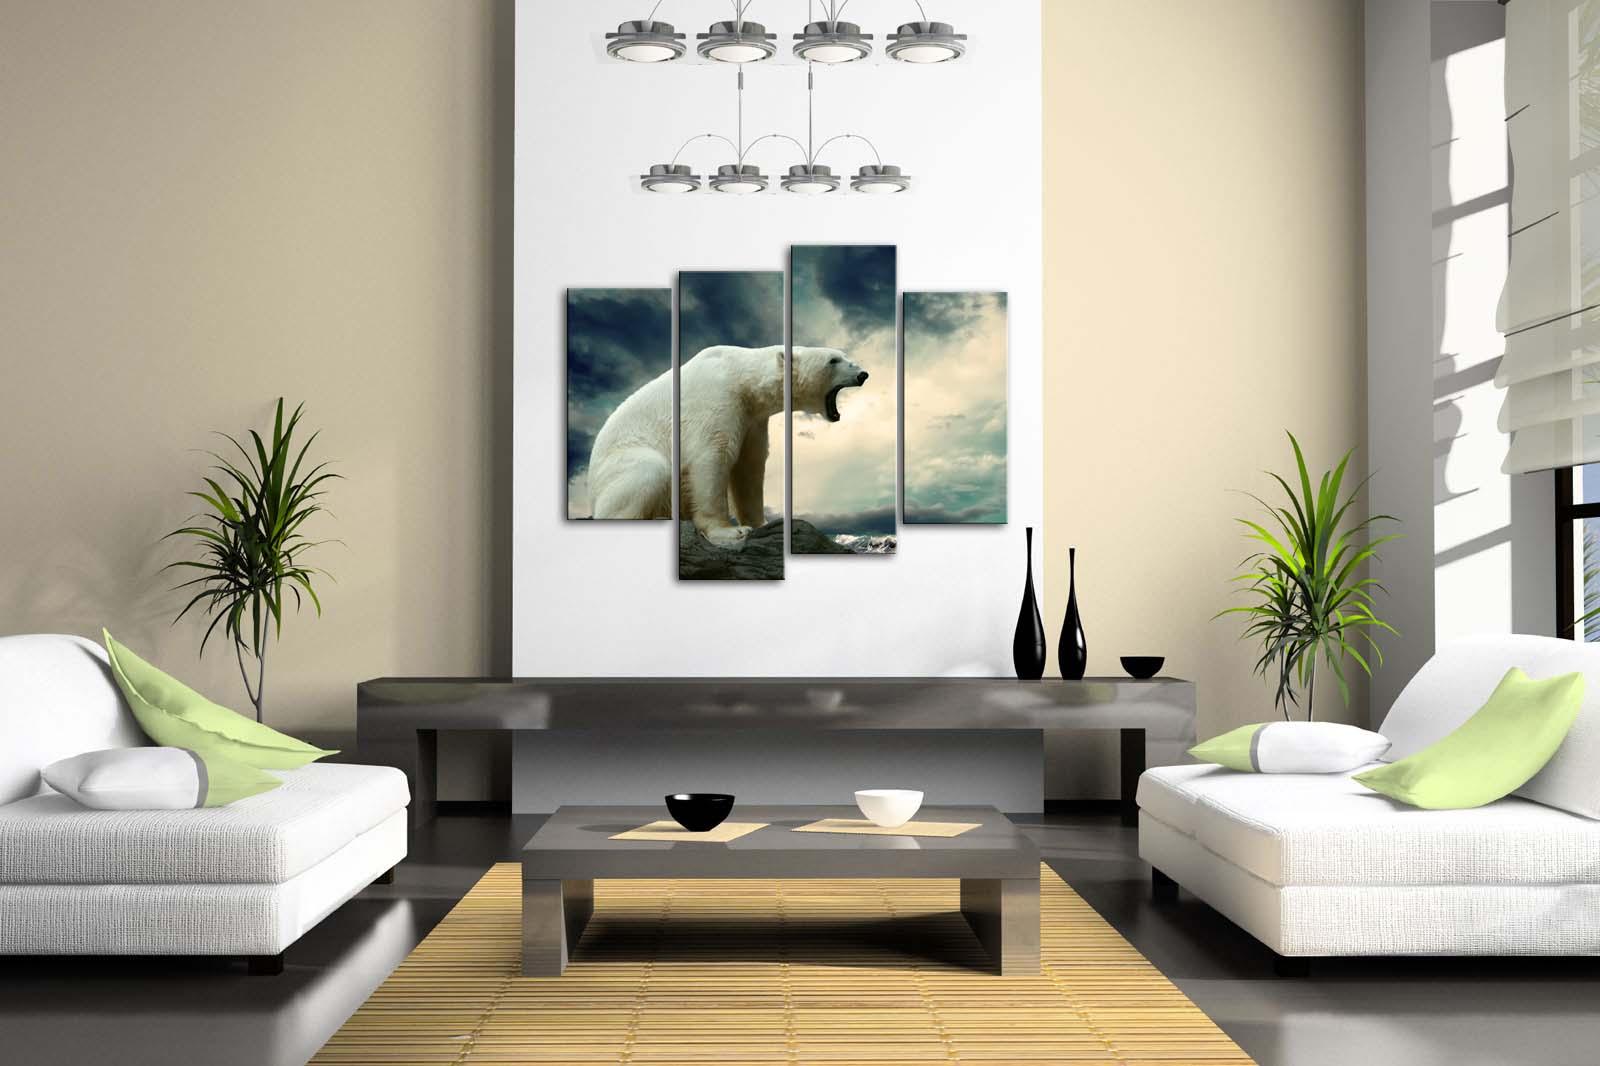 Encadrée mur Art photos ours polaire Rock plage toile impression animaux affiches avec des cadres en bois pour la maison salon décor - 2